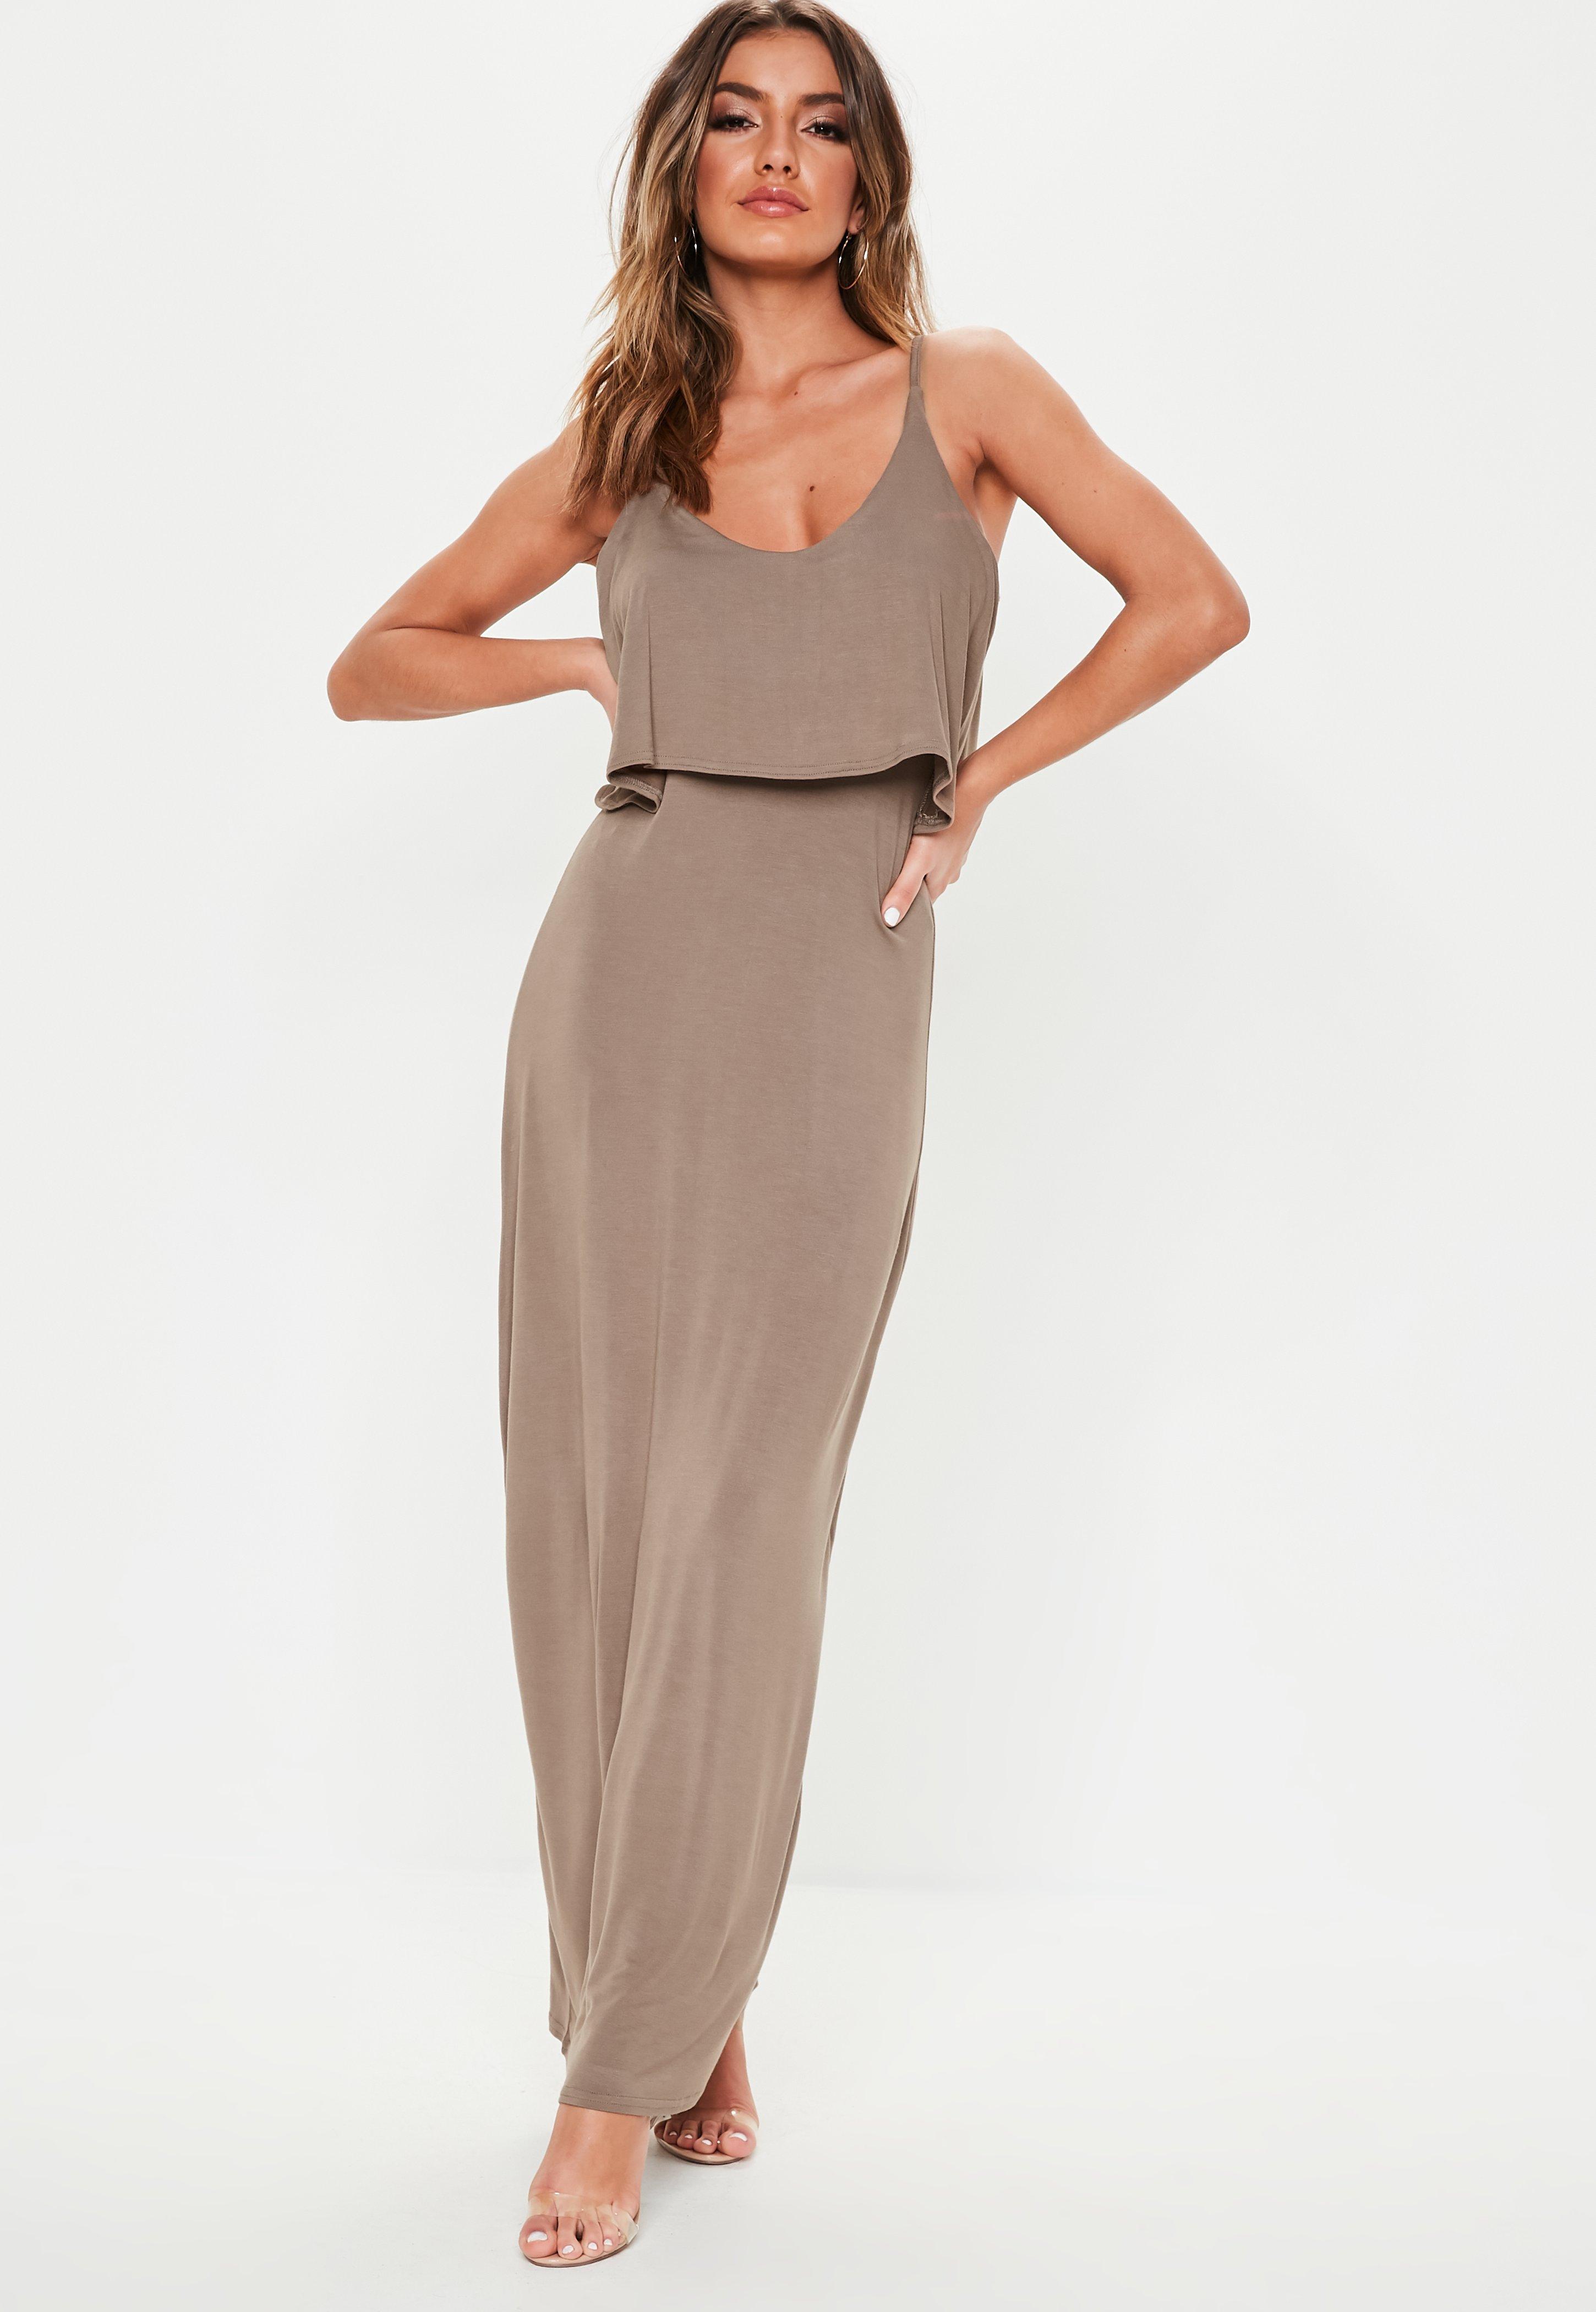 e275a2b165 Maxi Dresses   Evening Maxi Dresses   Long Dresses   Missguided